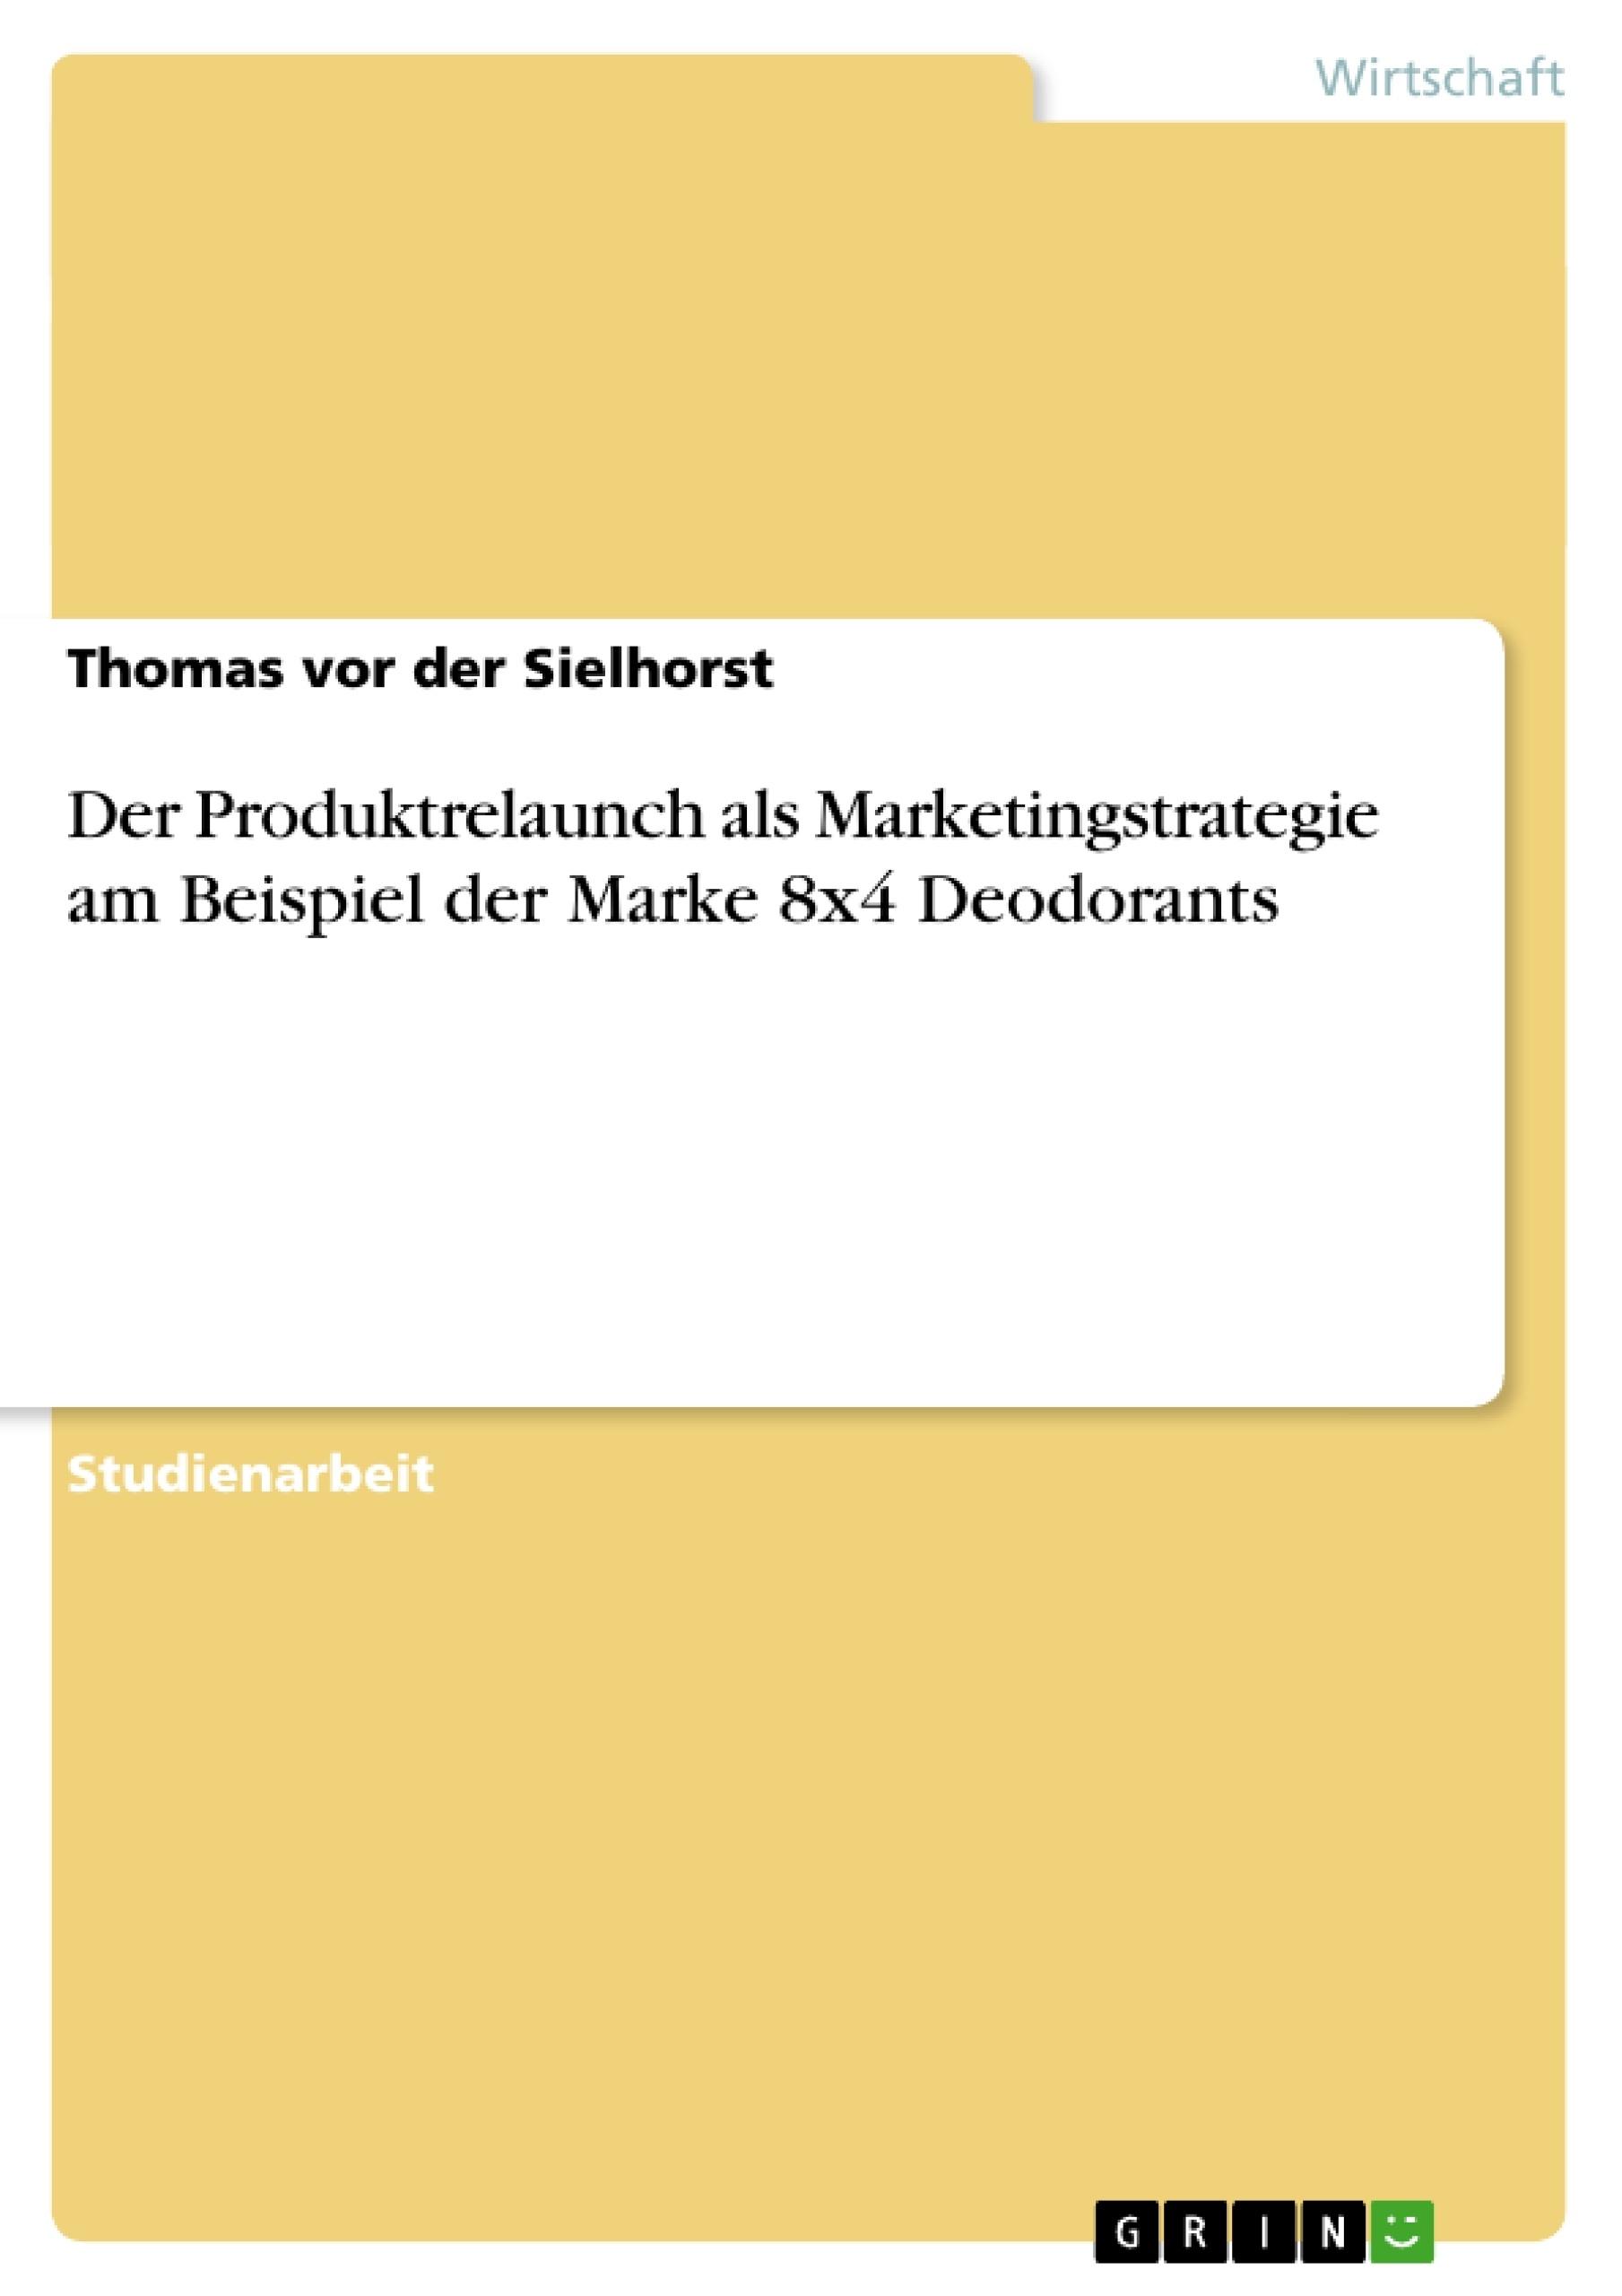 Titel: Der Produktrelaunch als Marketingstrategie am Beispiel der Marke 8x4 Deodorants